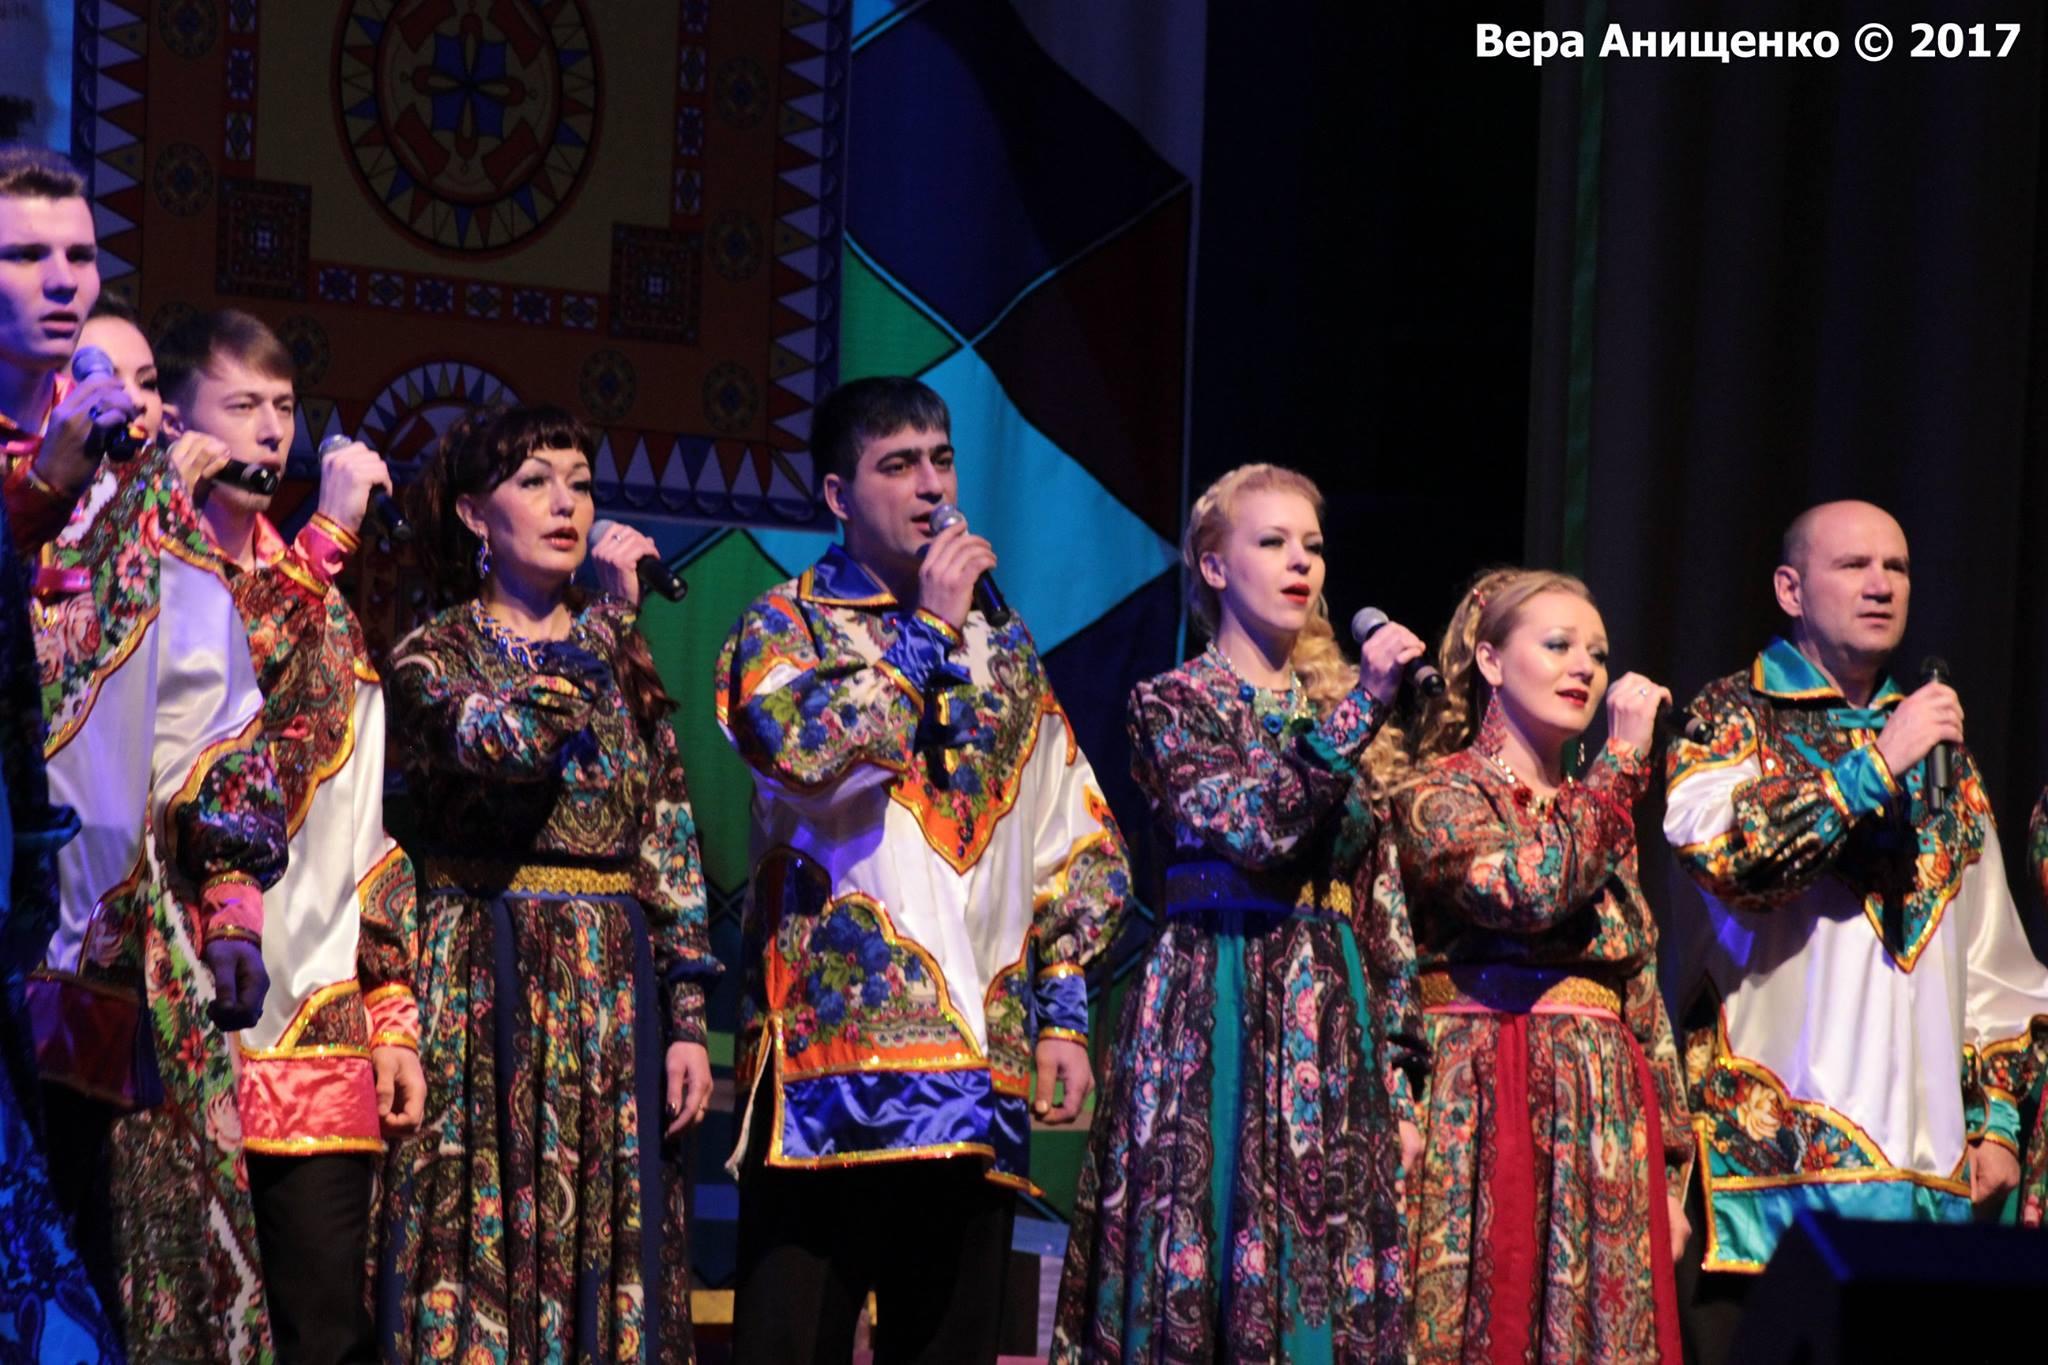 Концерт ансамбля «Любавушка» 18 февраля 2017 года